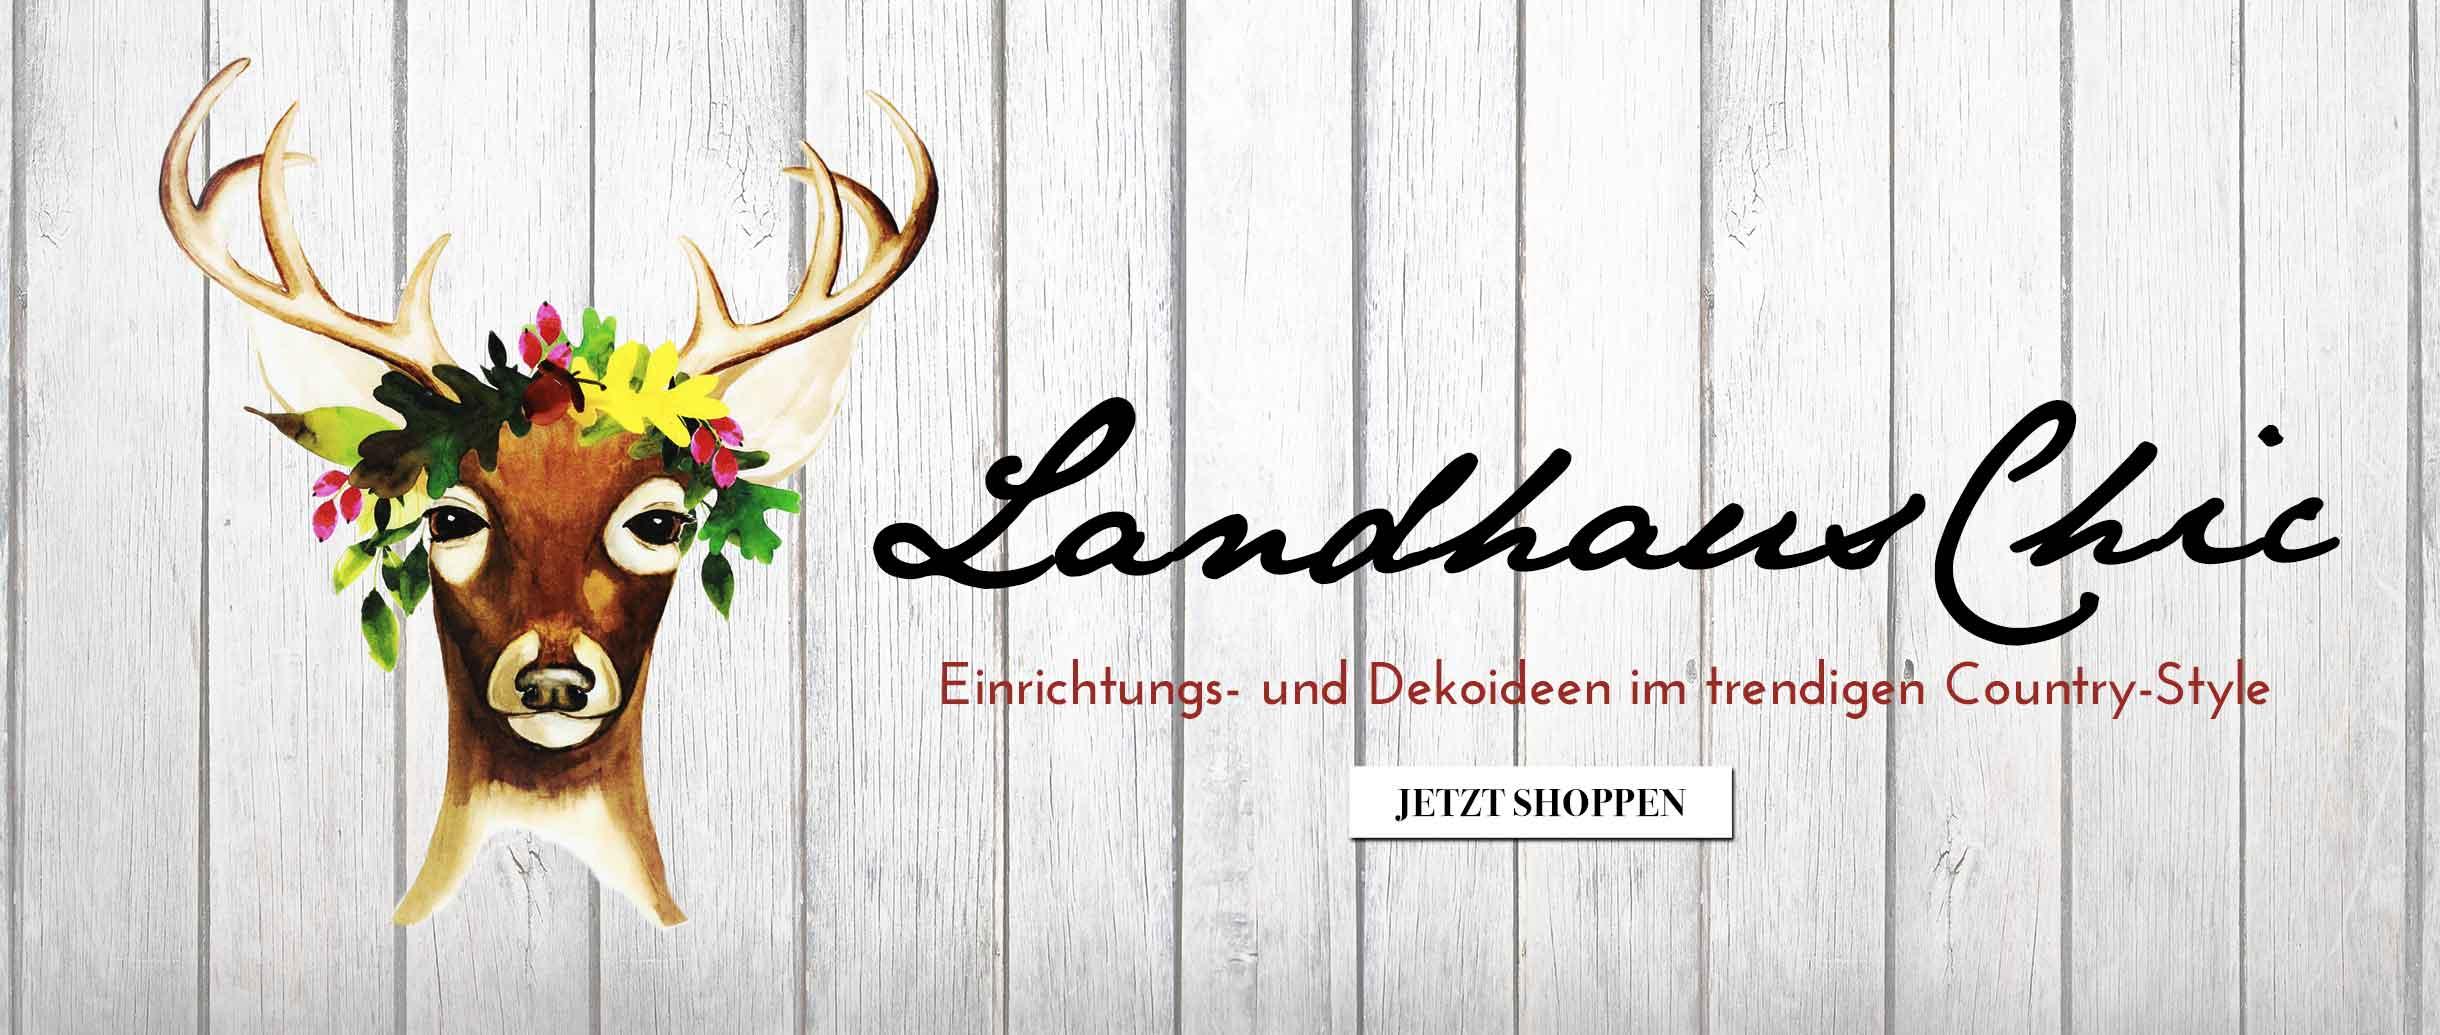 kat_bild_dero_landhaus_2018